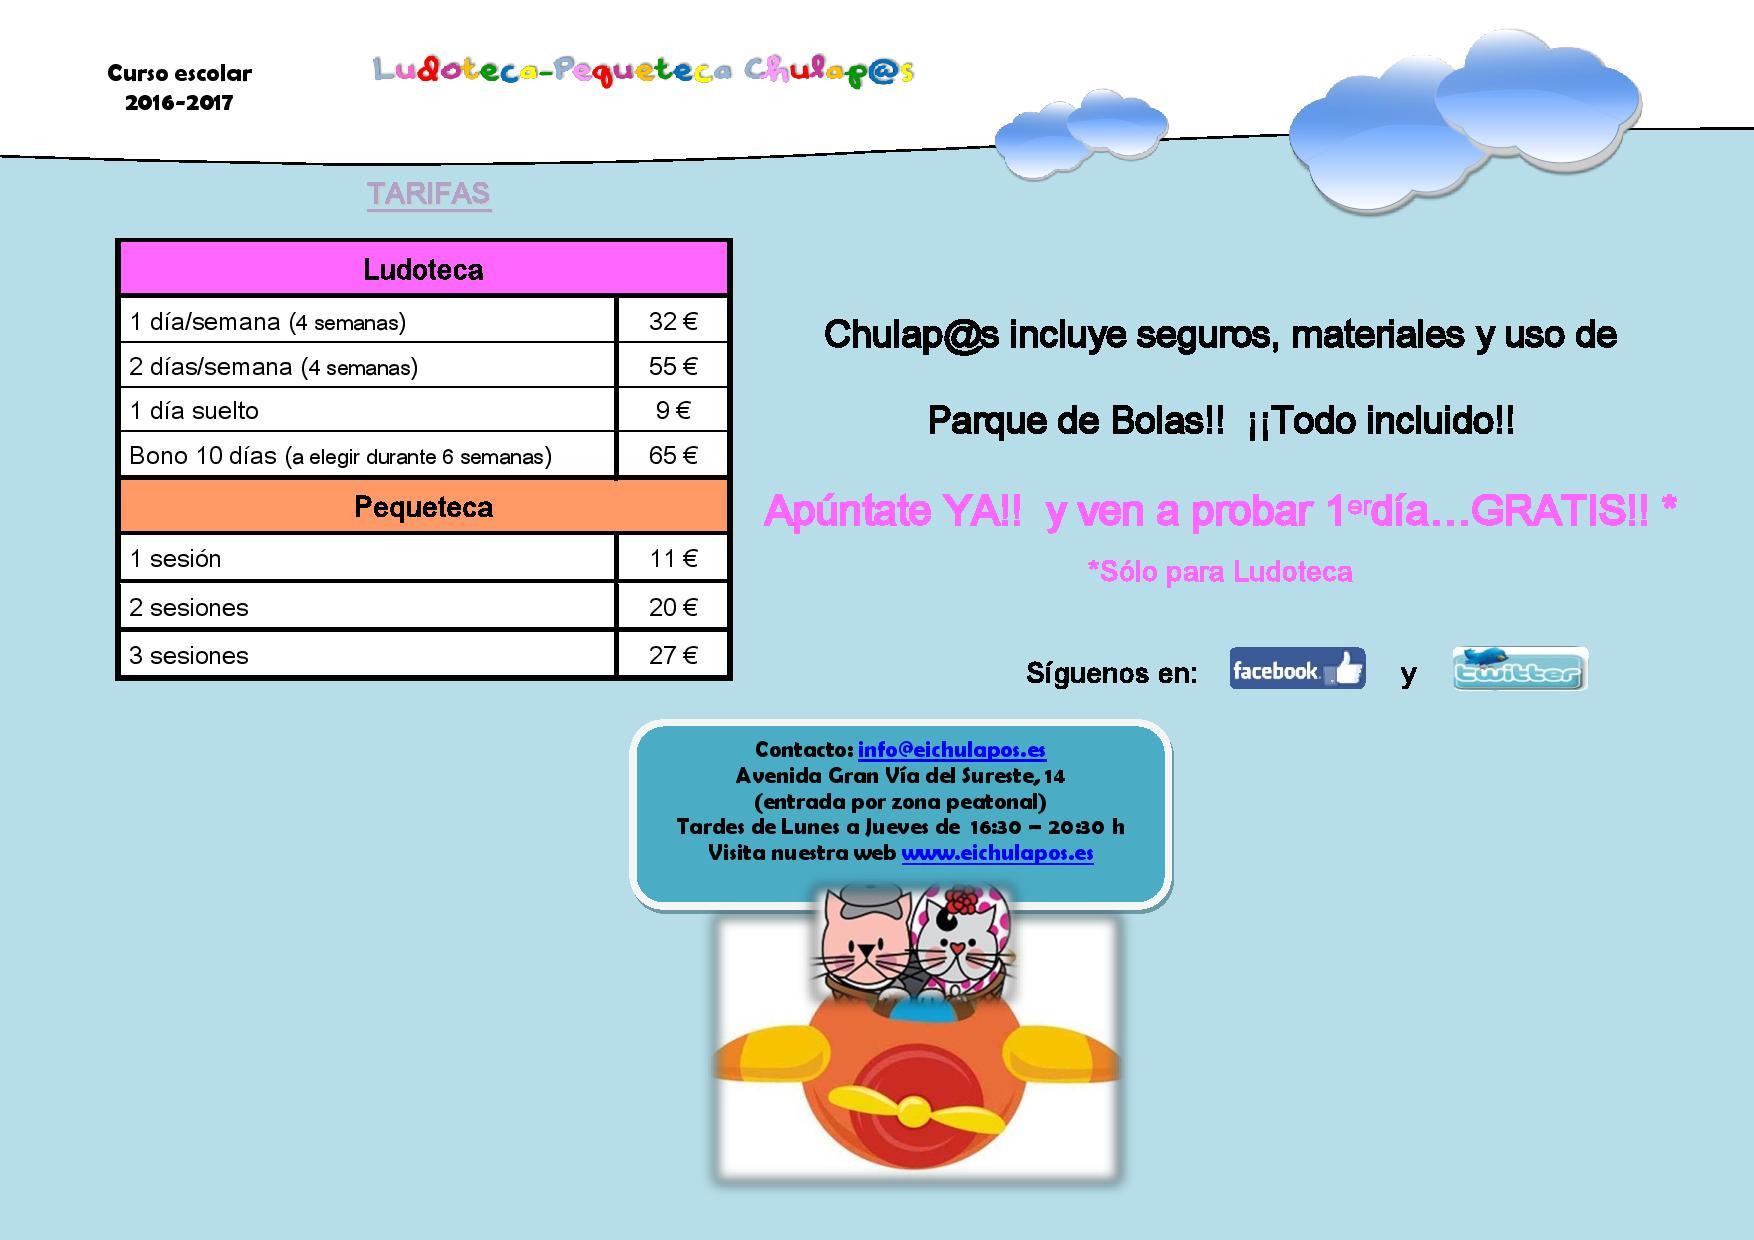 ei-chulapos-info-ludoteca-pequeteca-2016-2017-2